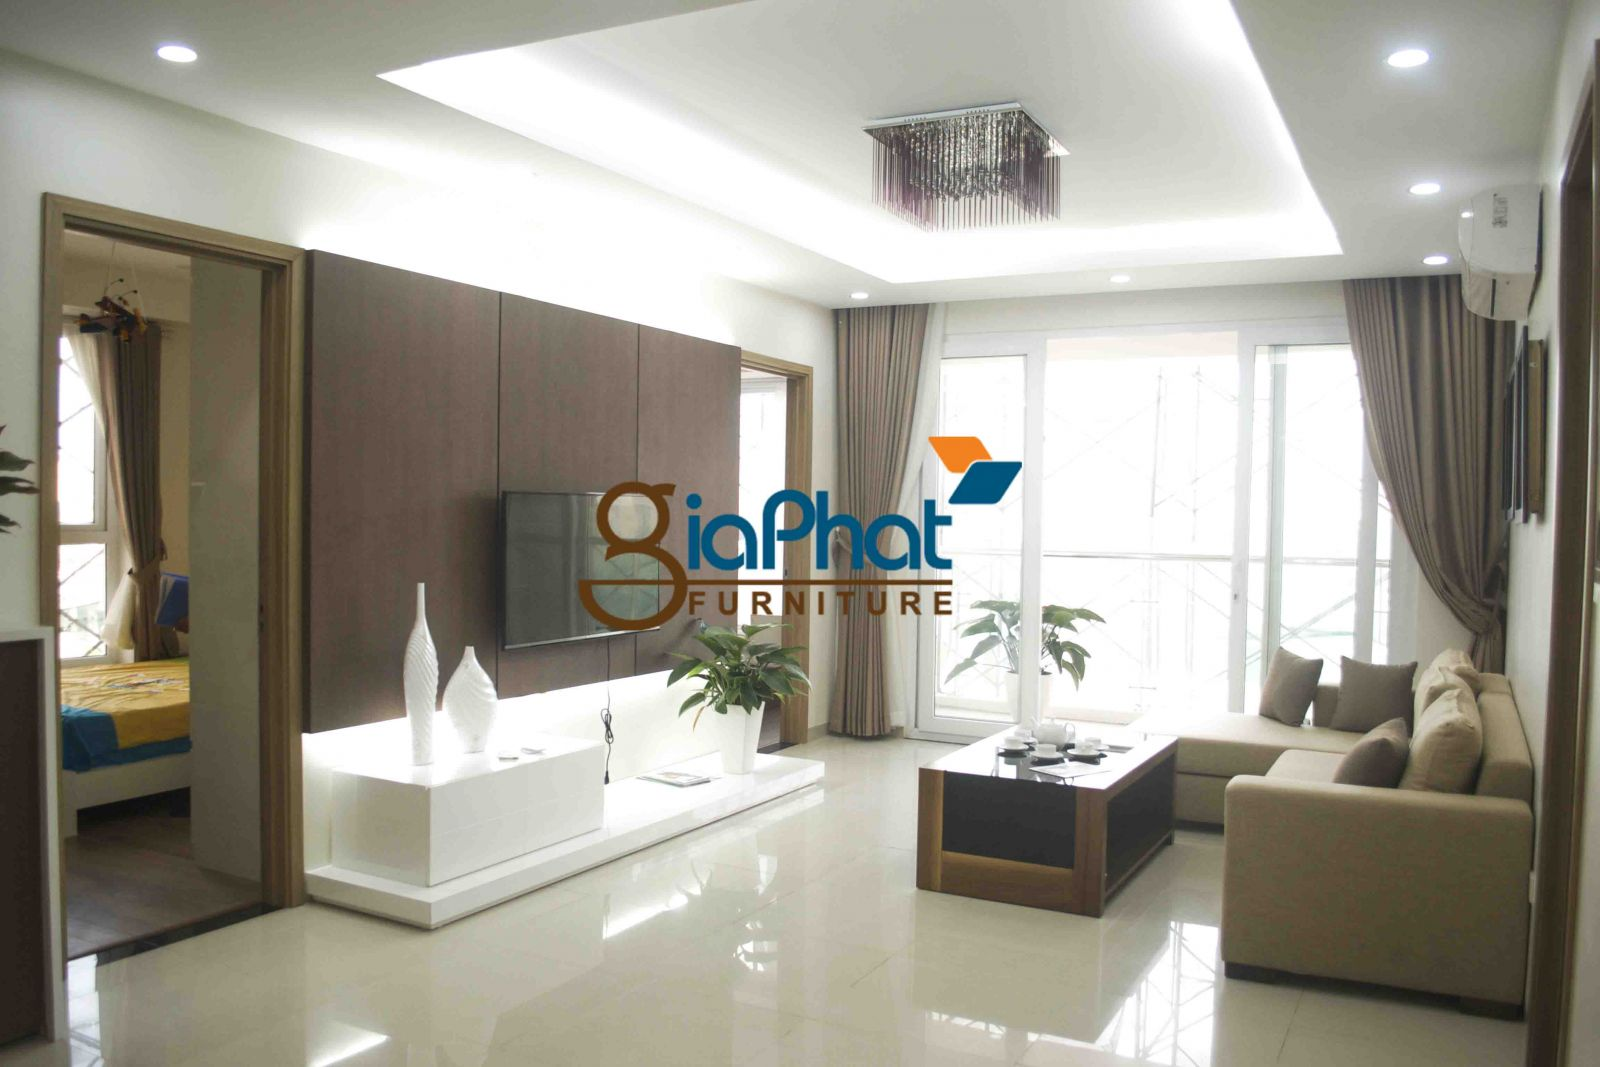 Giaphat Furniture trở thành nhà thầu nội thất chính chung cư Sun Square